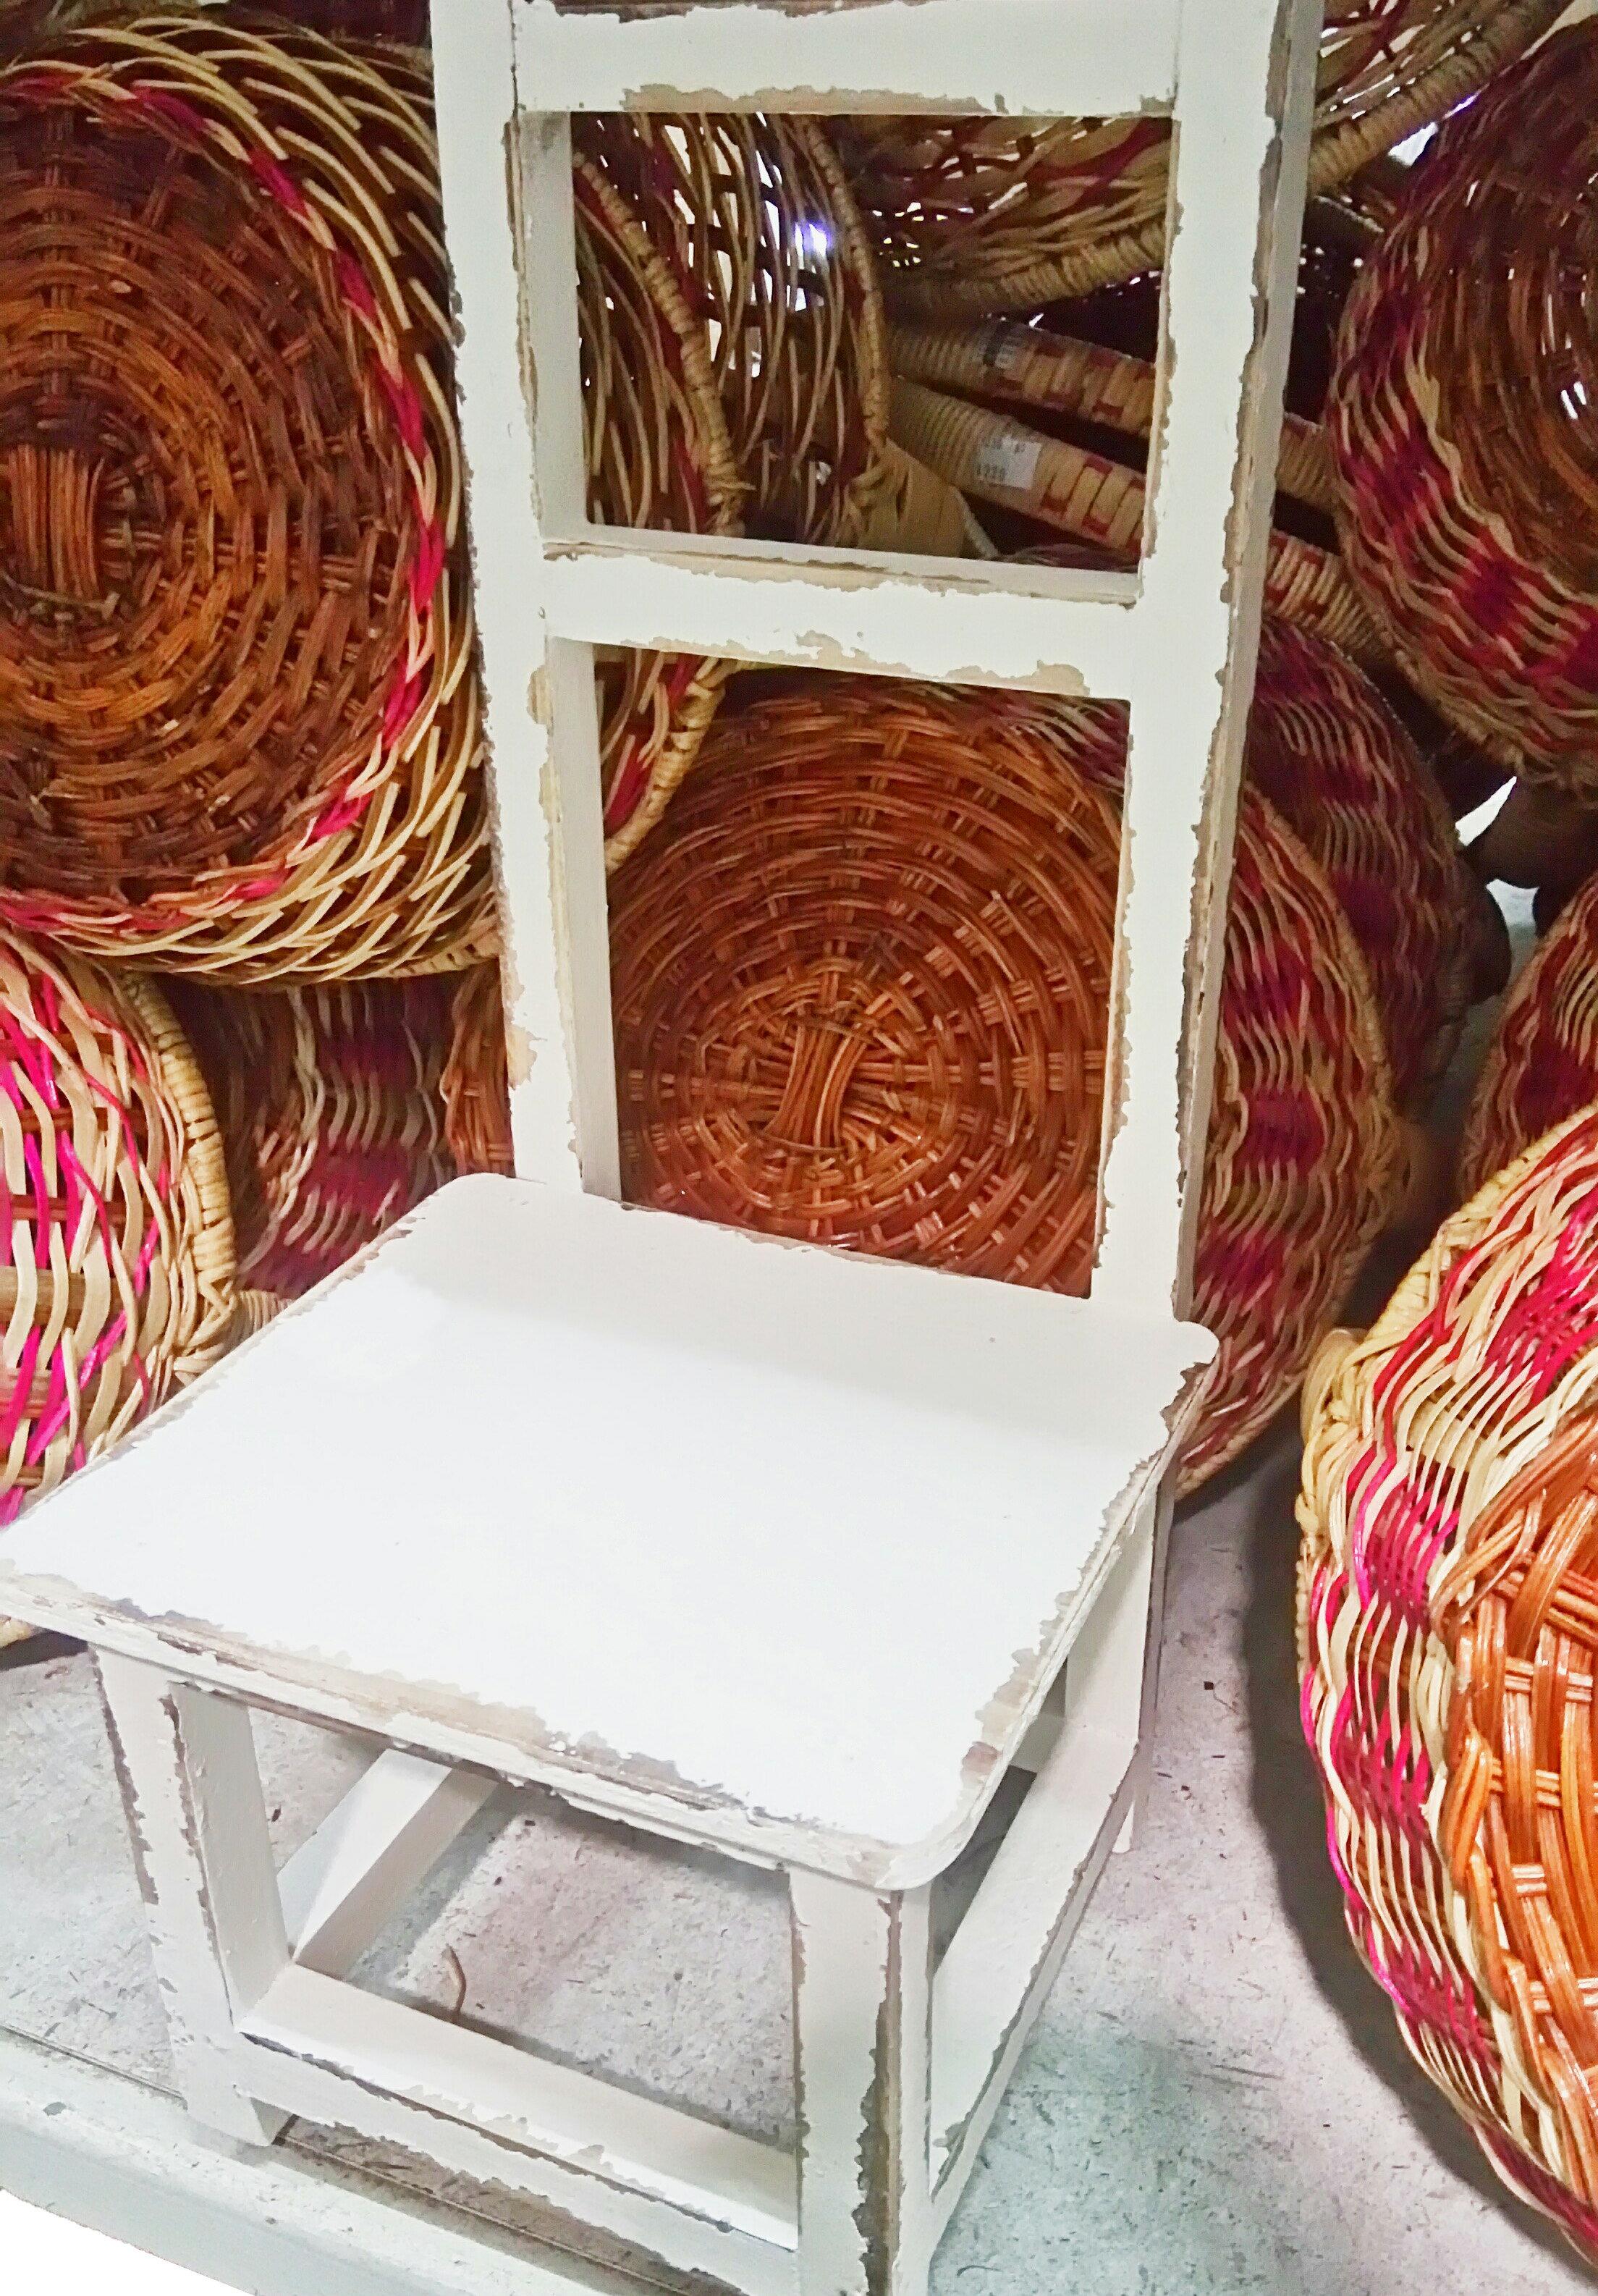 仿舊 歐洲鄉村風 木製 白色椅子 可當花架 擺飾 造景 攝影 櫥窗設計